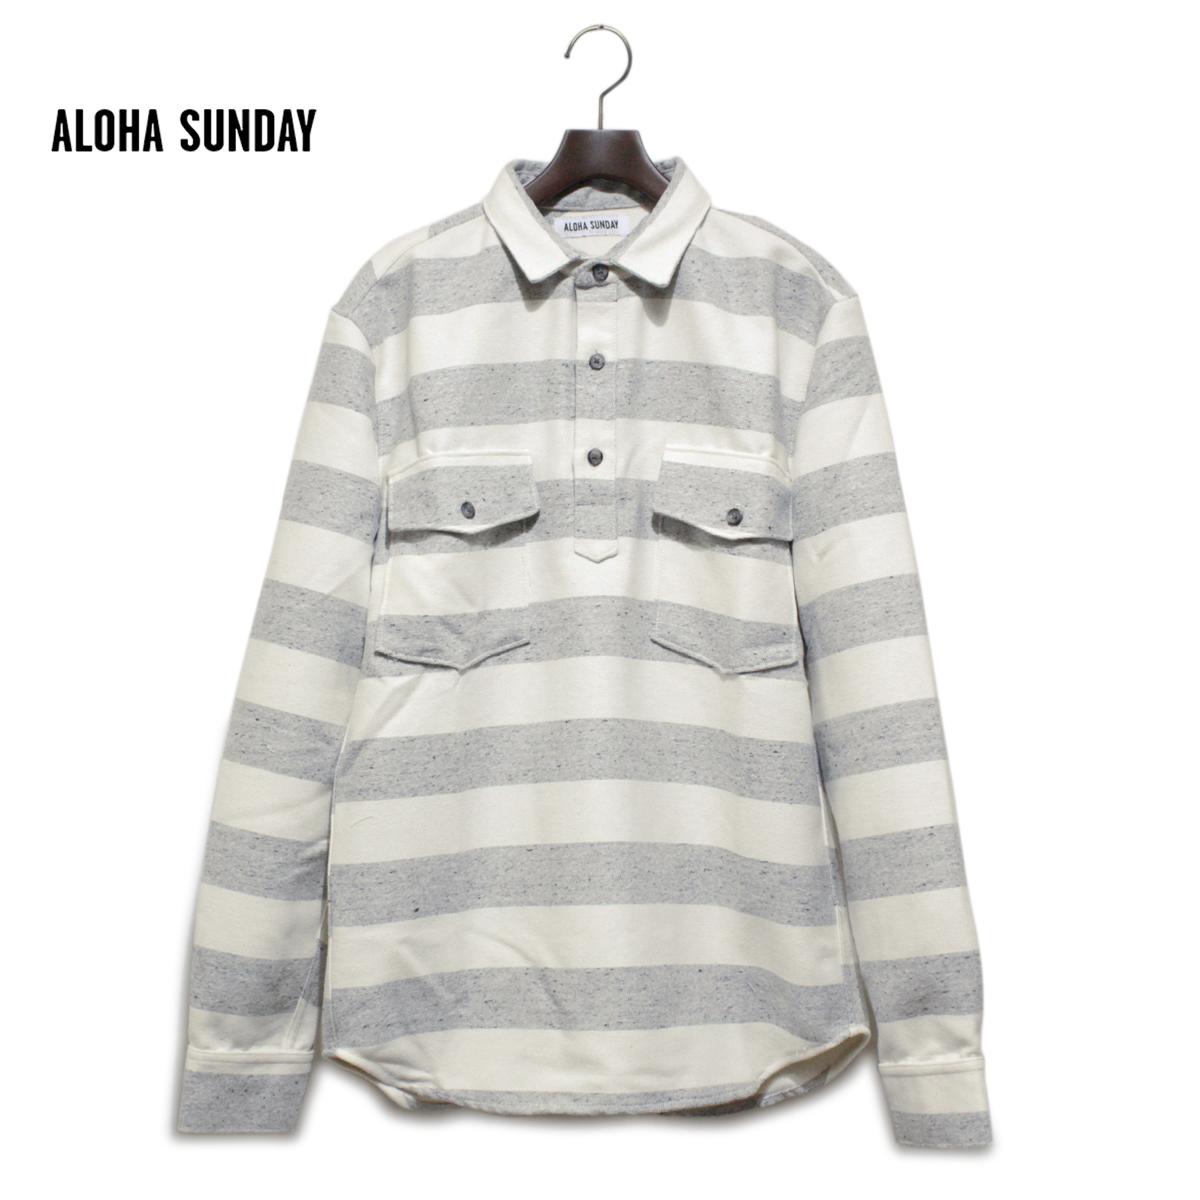 ALOHA SUNDAY アロハサンデー FASI ボーダーシャツ メンズ グレーXナチュラル S-XL